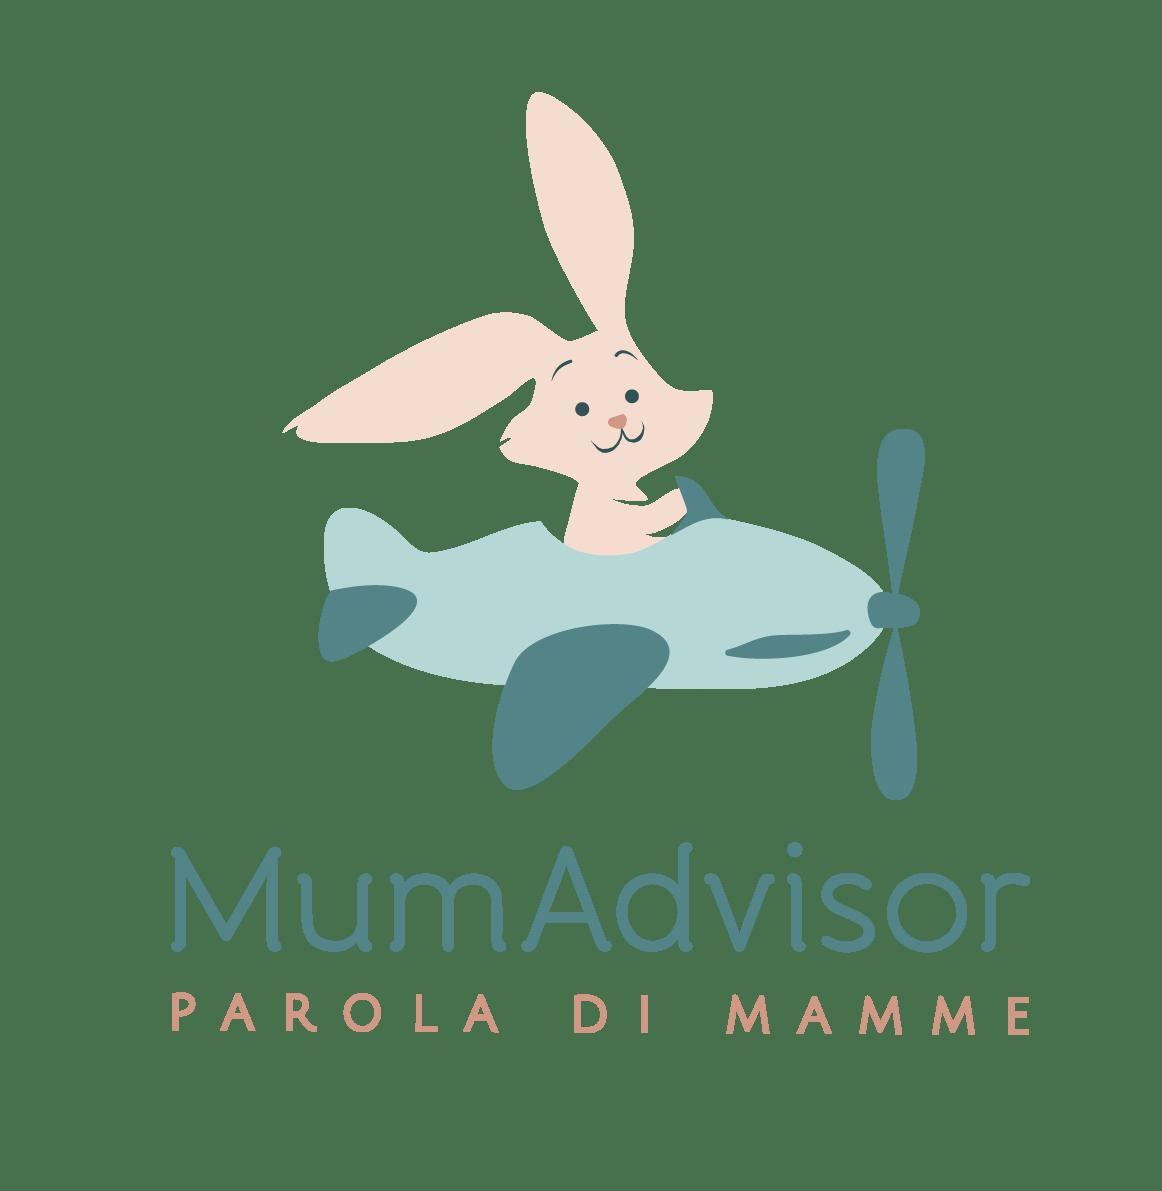 Logo_mumadvisor1